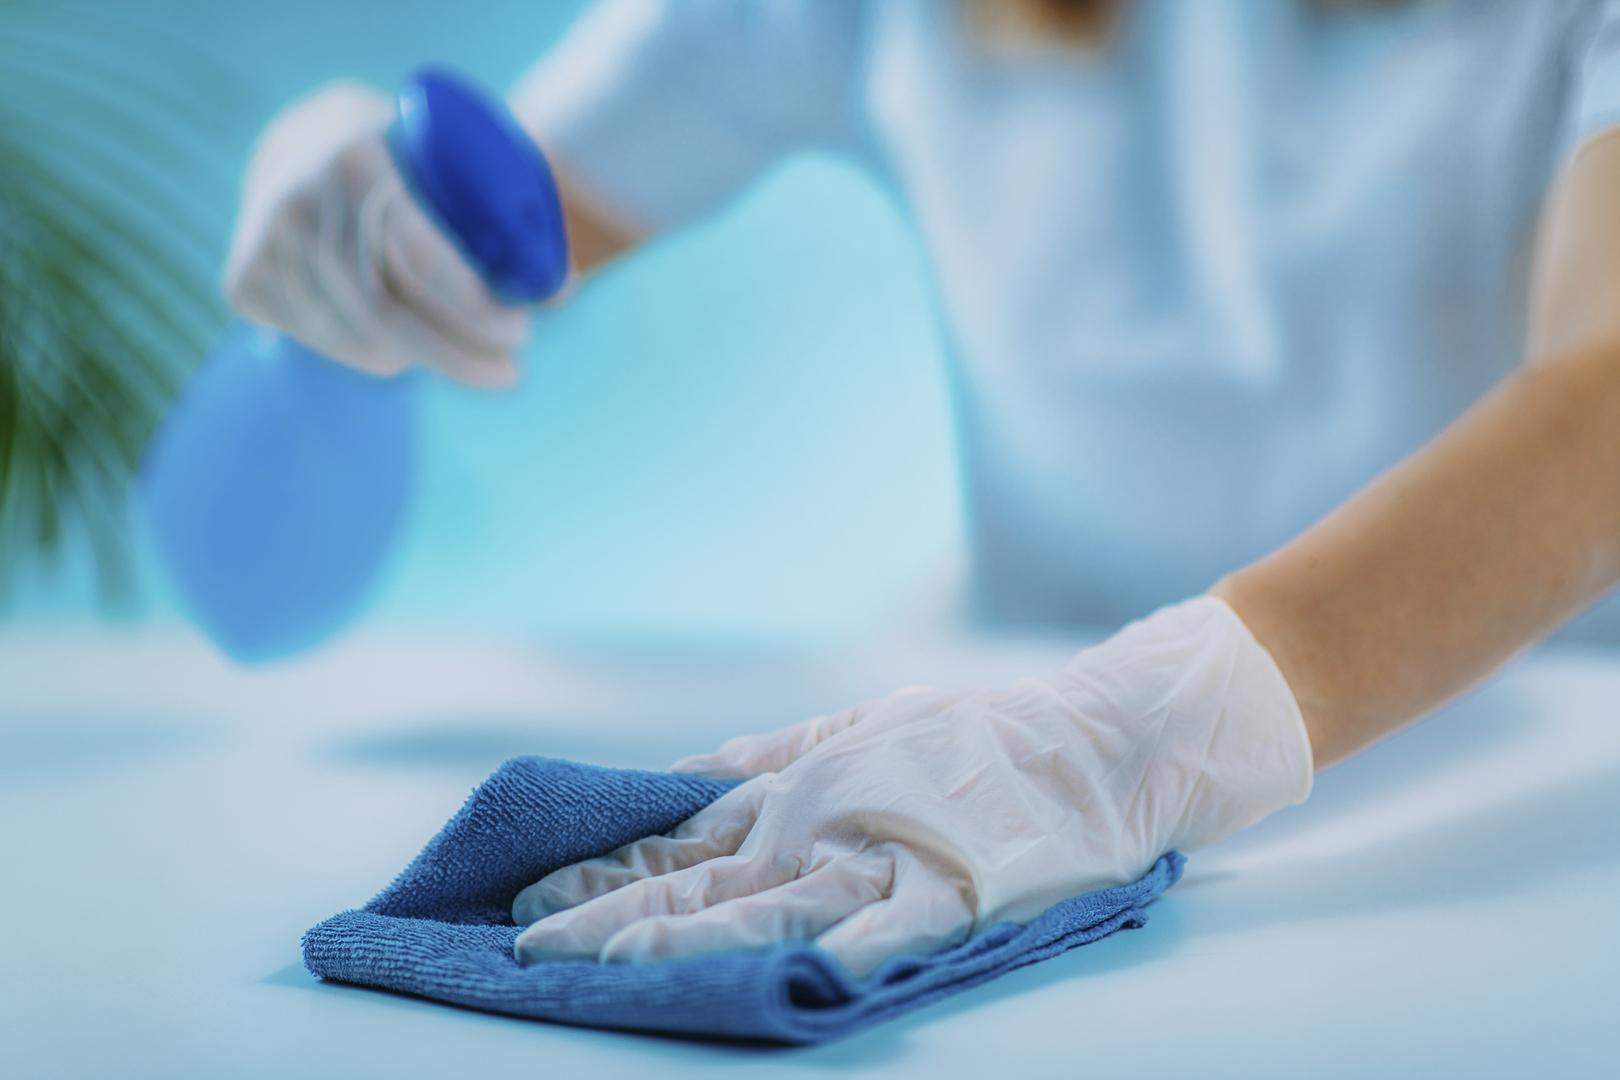 كم من الوقت تعيش فيروسات الإنفلونزا على الأسطح الصلبة والأقمشة والجلد؟